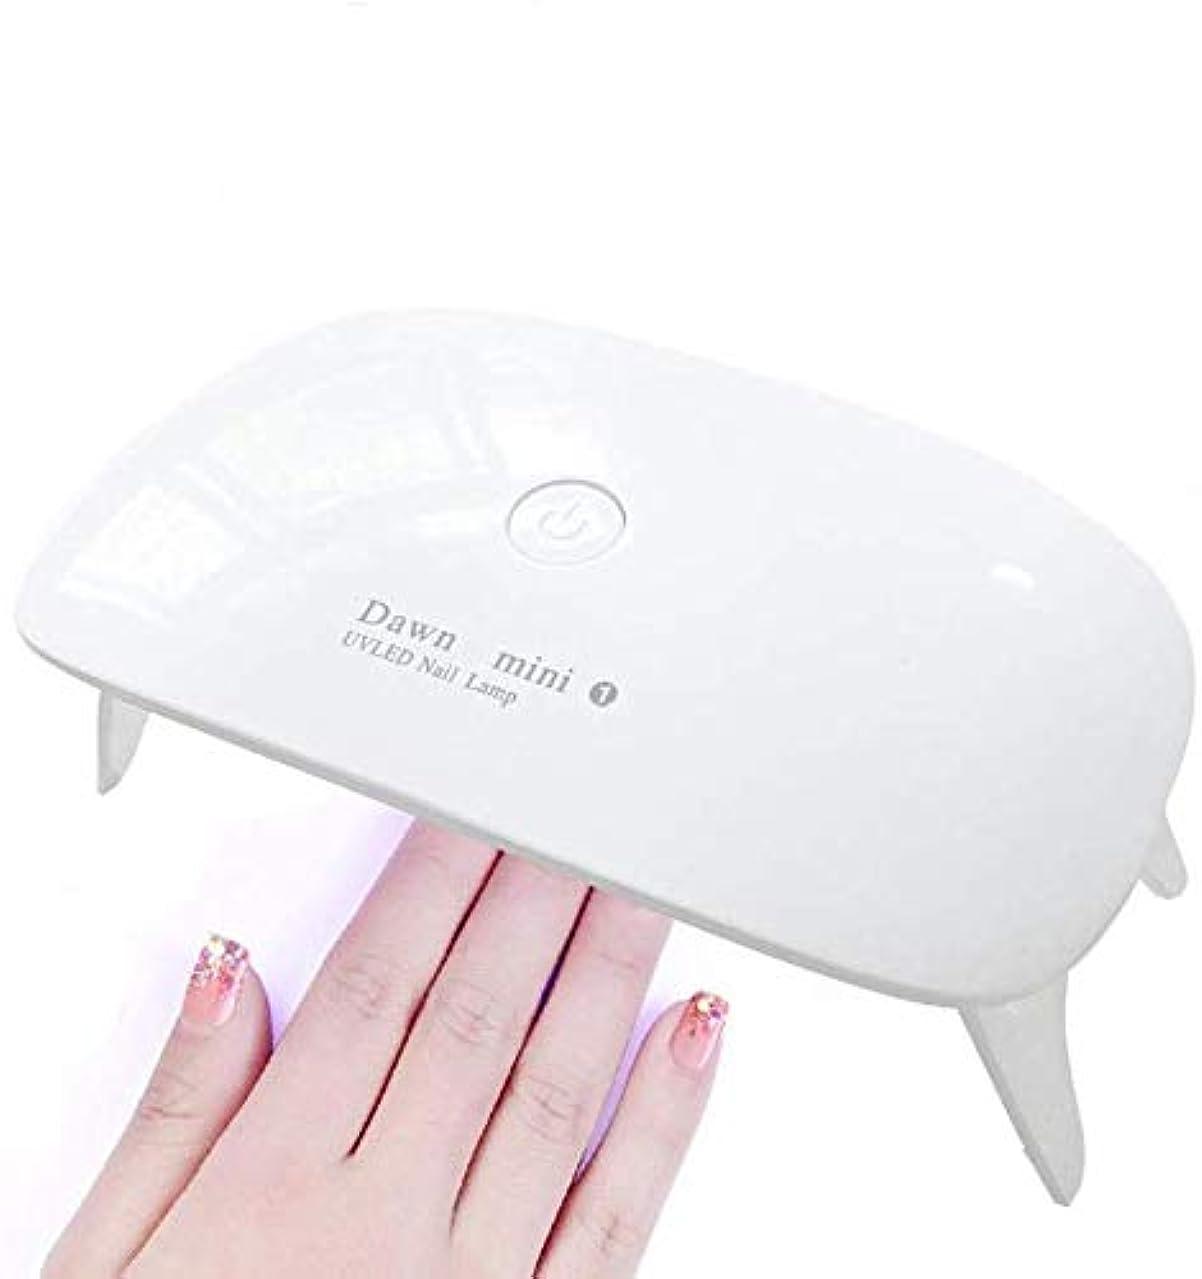 シーン複製する過半数Homewineasy LEDネイルドライヤー 硬化ライト UV と LEDダブルライト UVライト レジン用 折りたたみ式 タイマー設定可能 手足とも使える ジェルネイル と レジンクラフト用